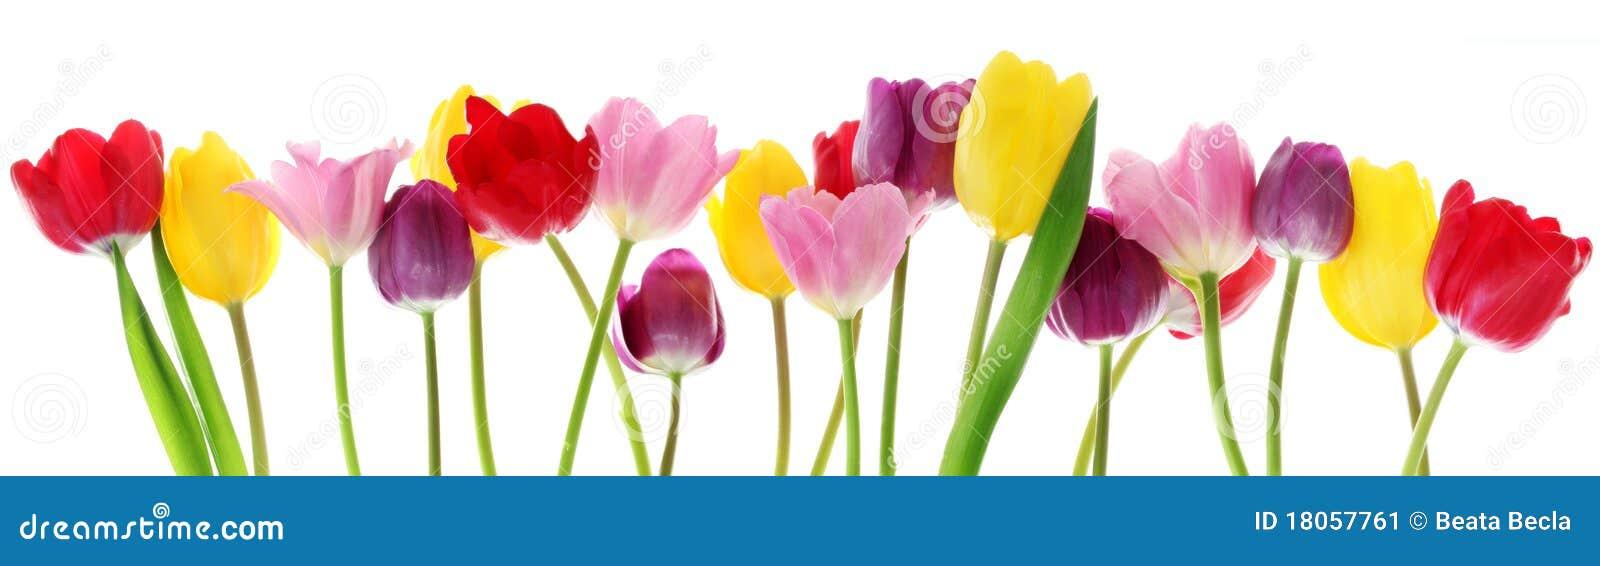 De tulpenbloemen van de lente in een rij